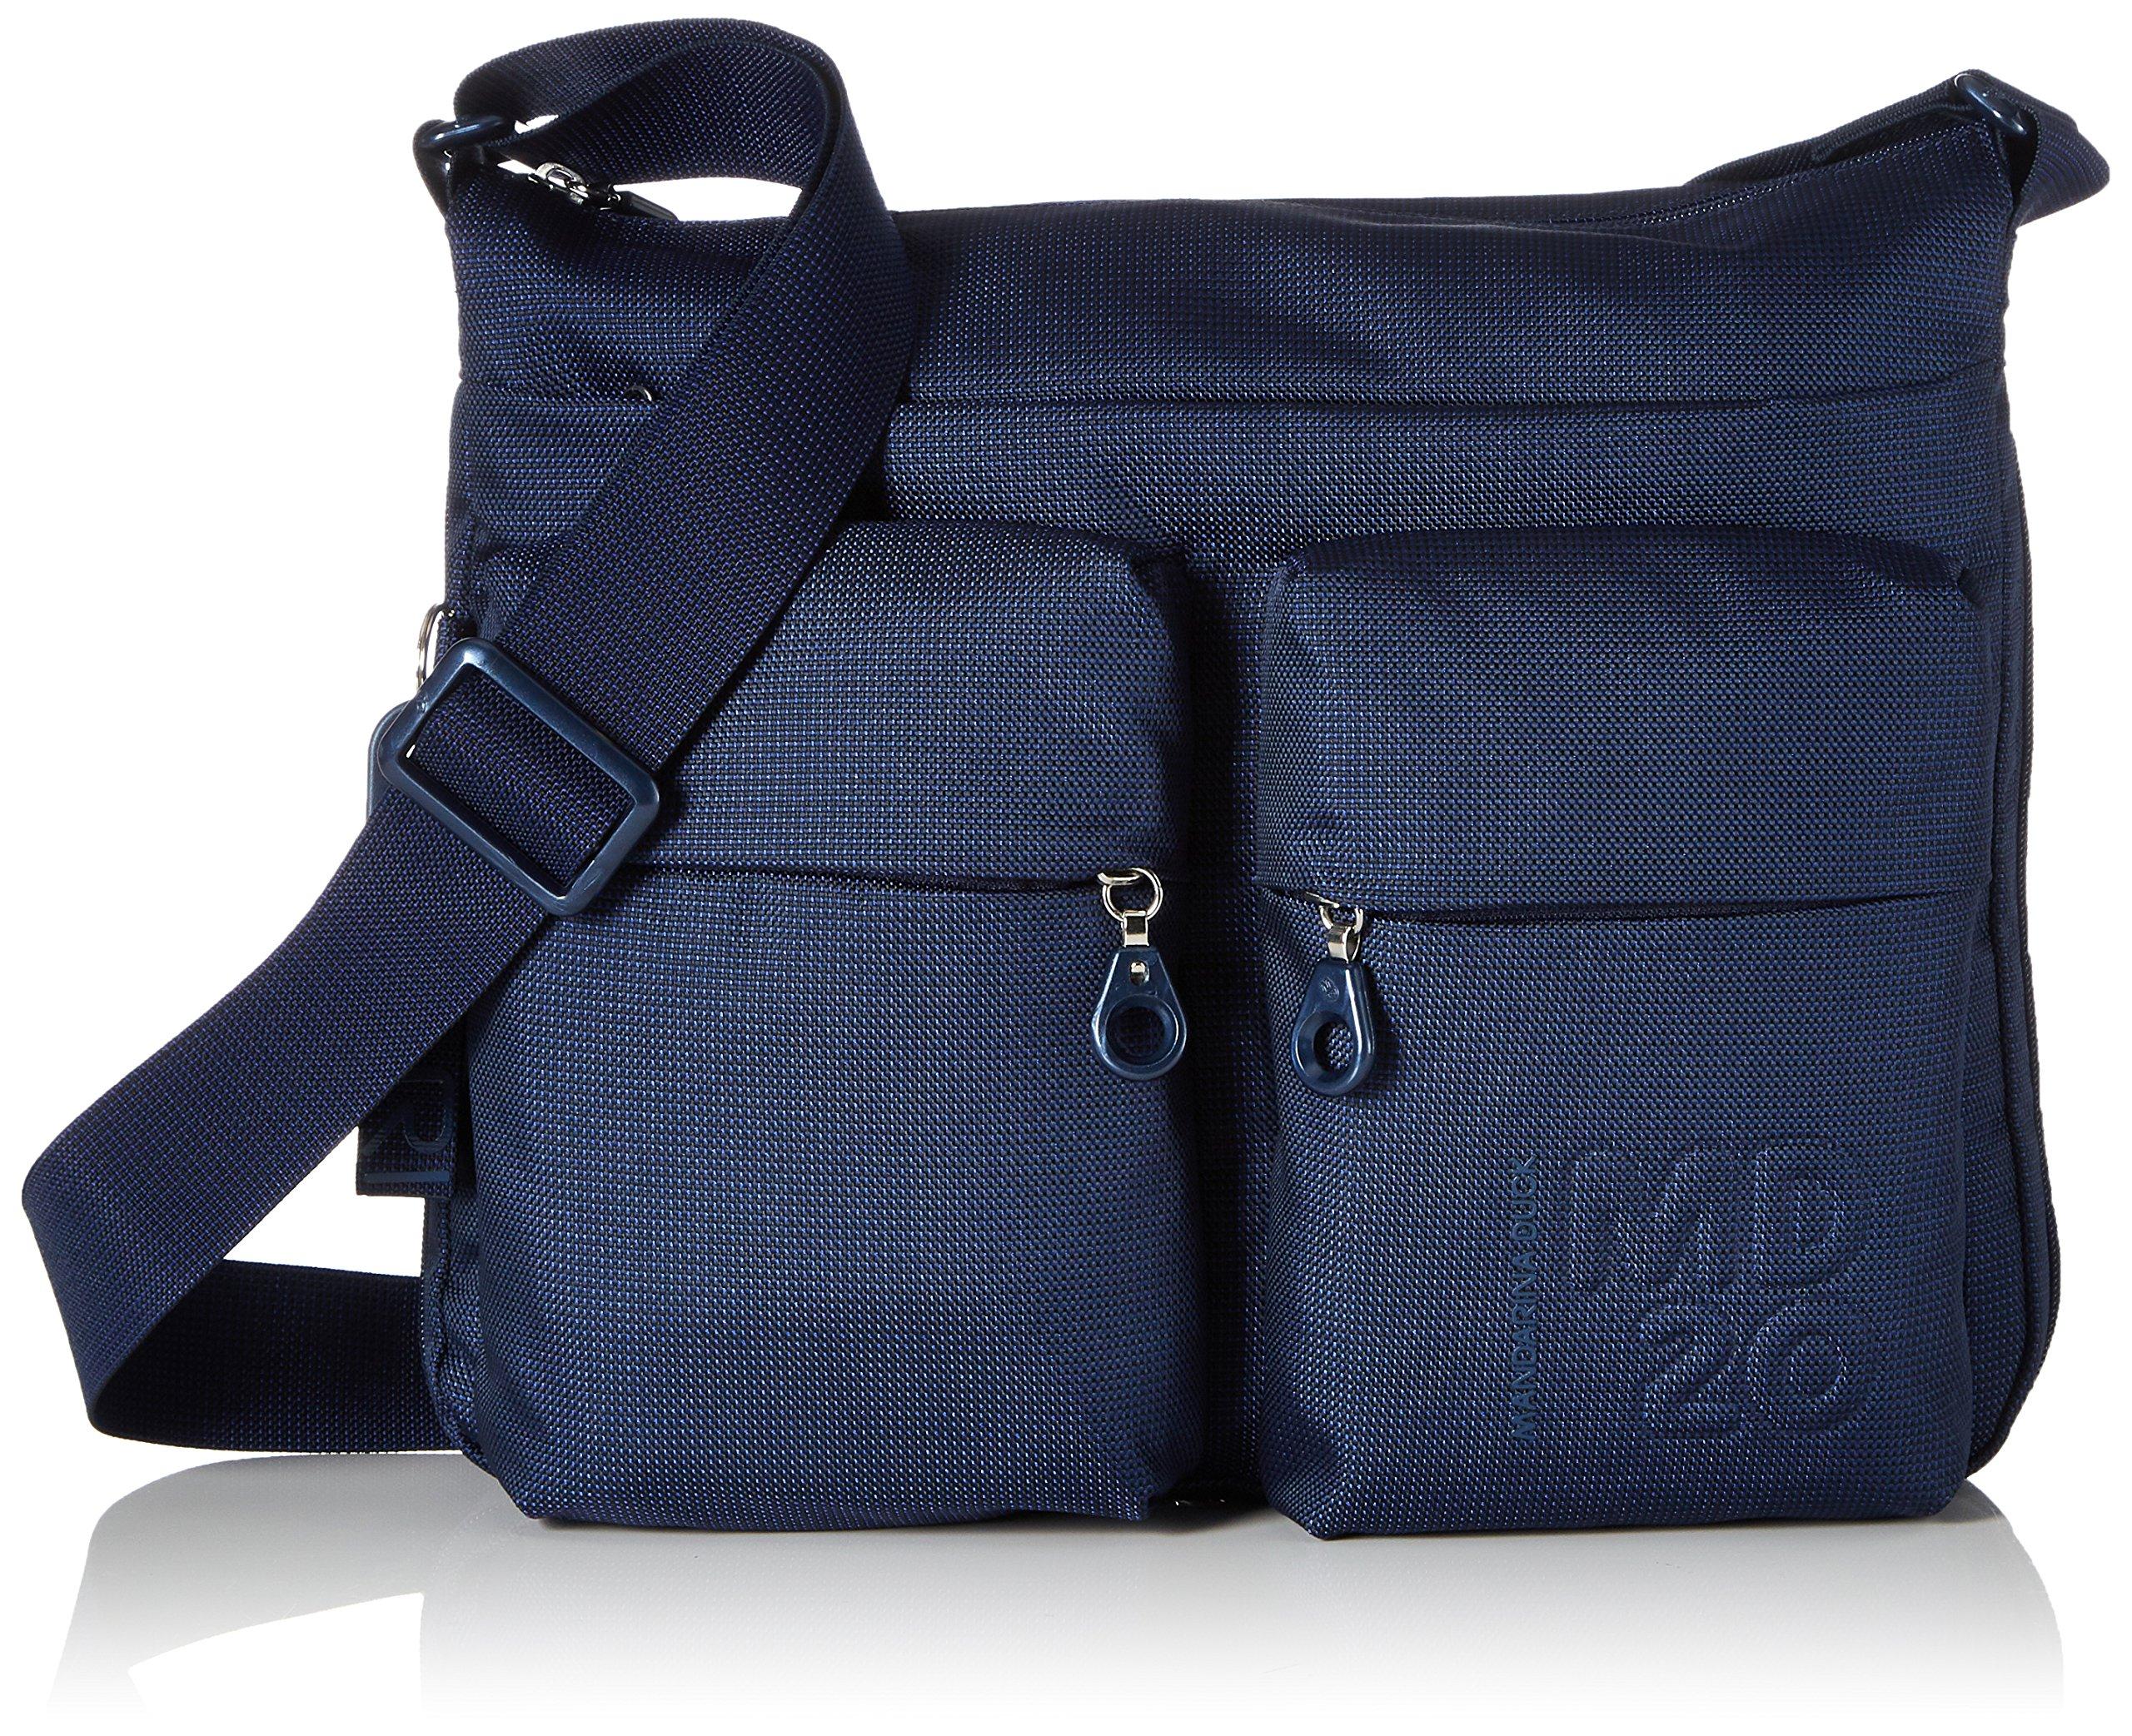 Mandarina Duck Handtaschen Taschen P10QMTX6_08Q dress blue Blau bh2TX